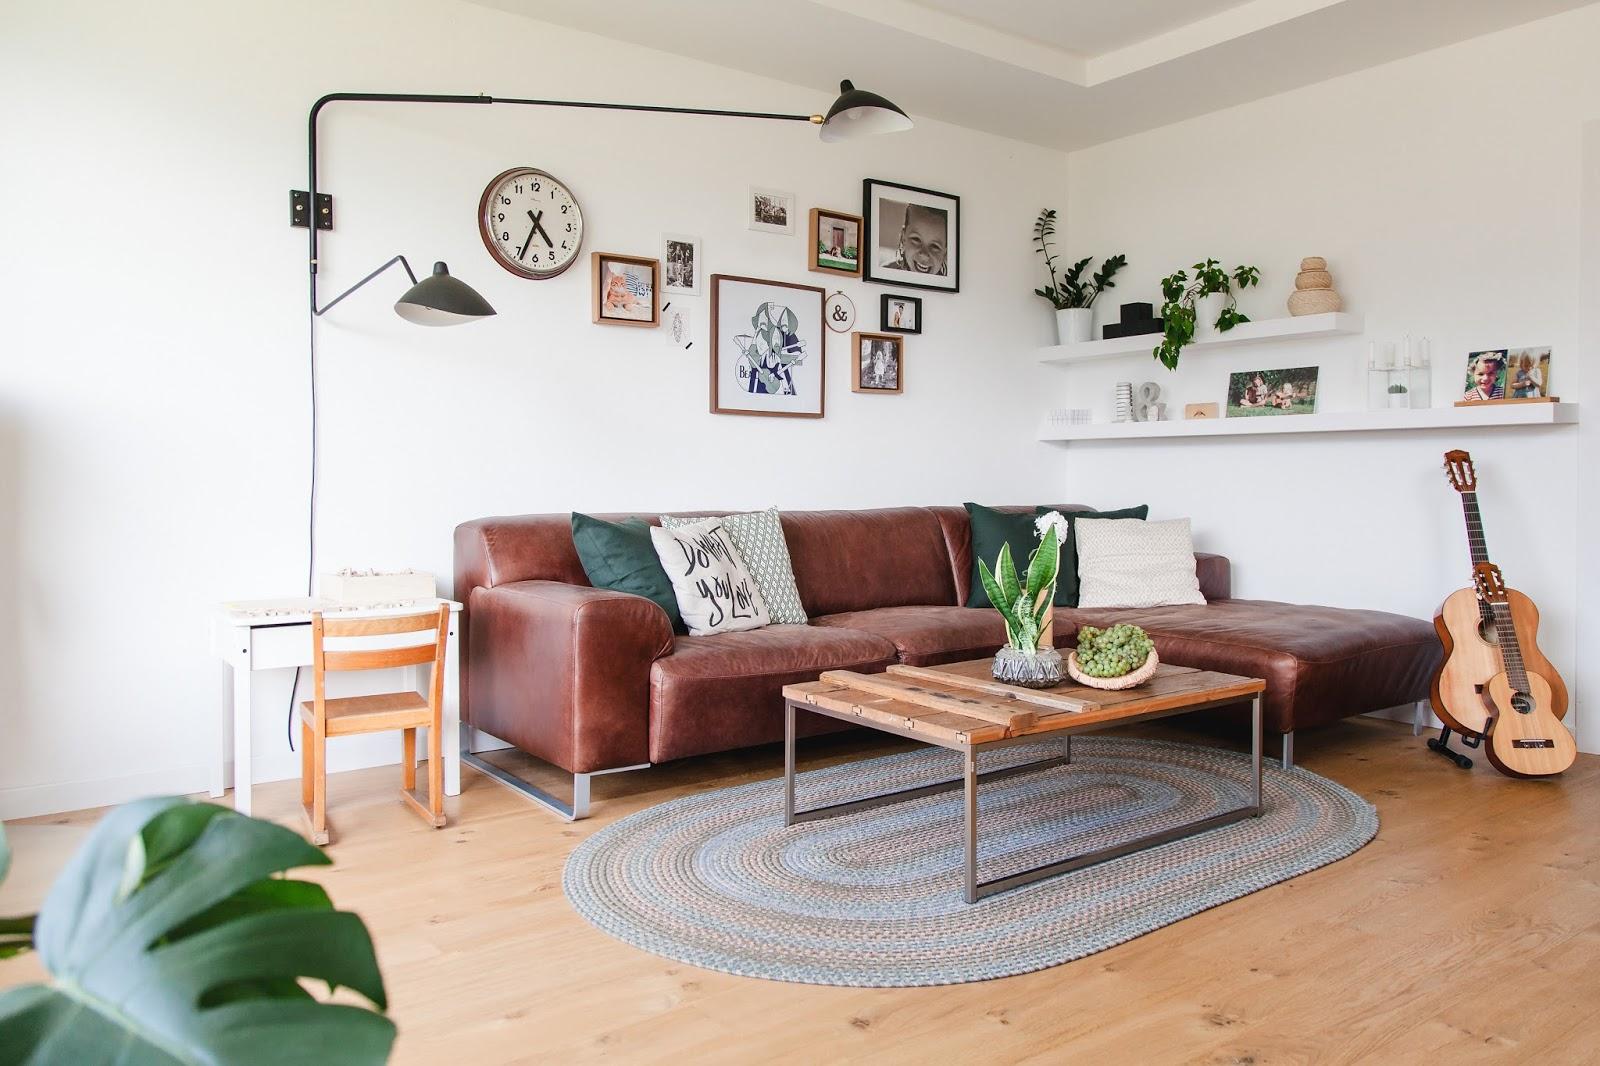 vorher nachher mein lieblingsraum unser wohnzimmer. Black Bedroom Furniture Sets. Home Design Ideas